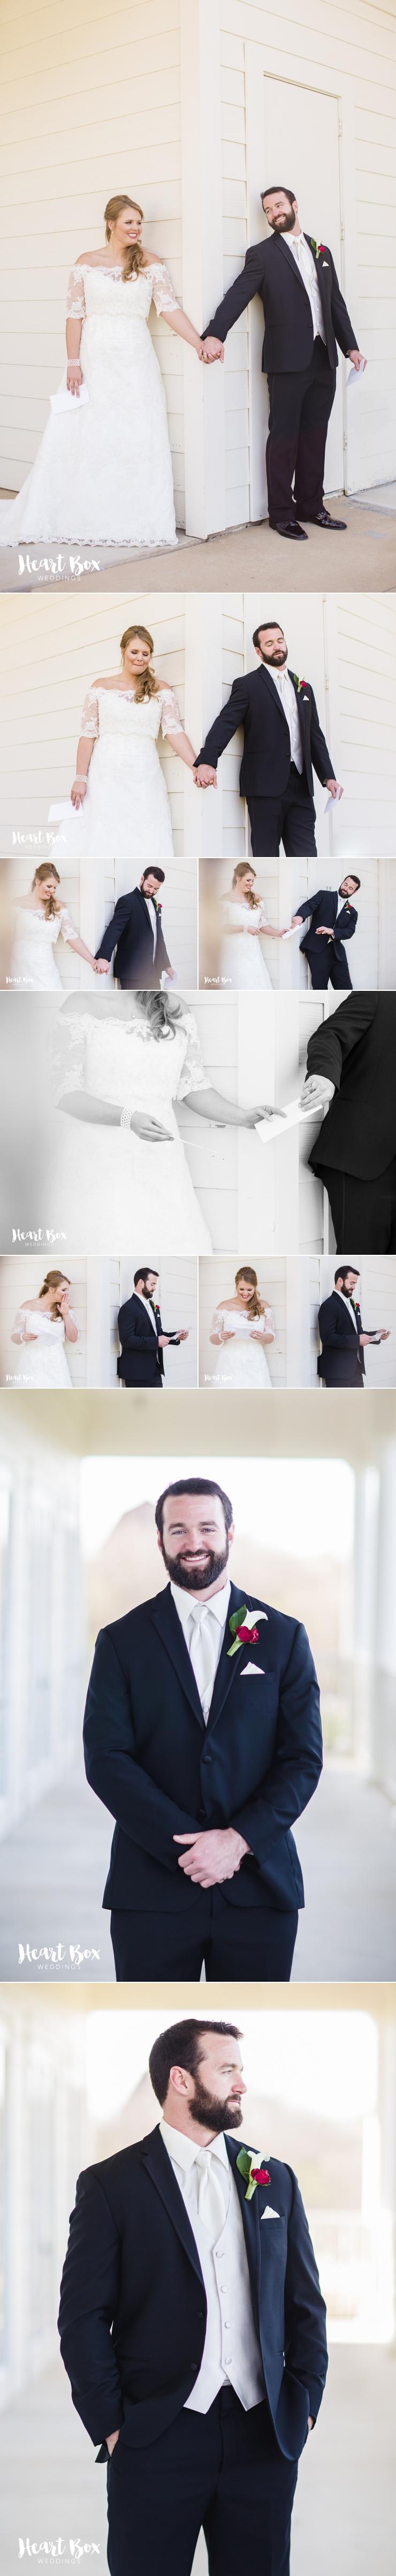 Vanderpool Wedding - Blog Collages 6.jpg